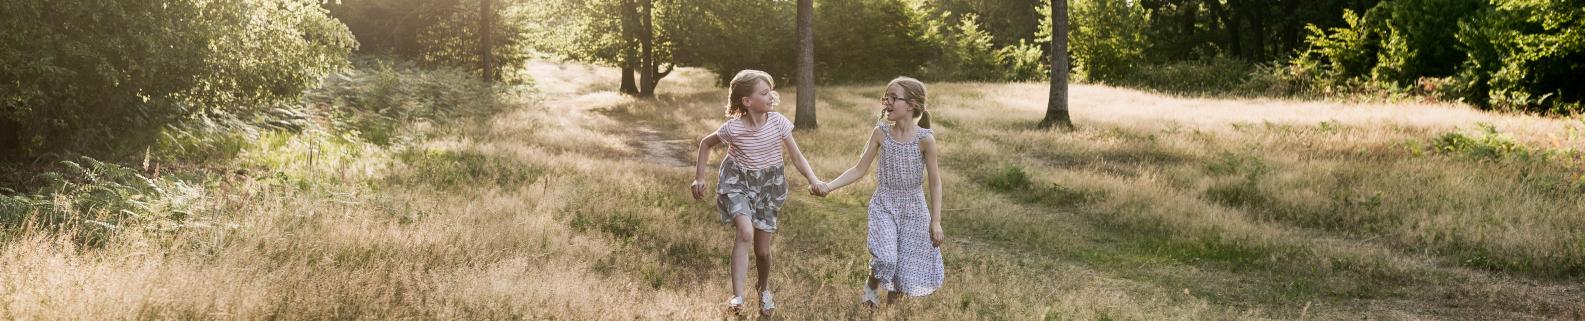 zwei Mädchen in der Natur